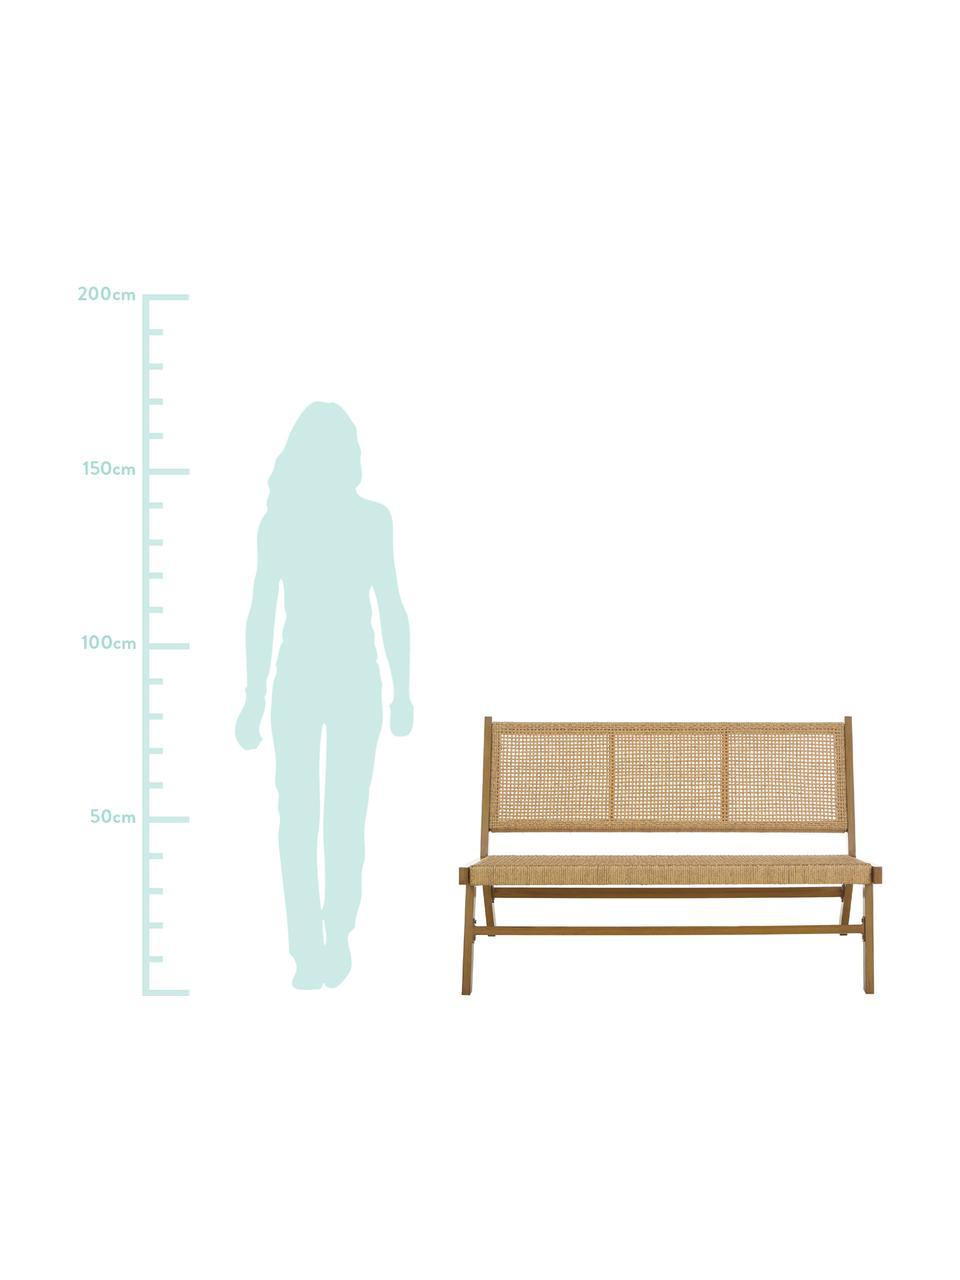 Tuinbank Palina met kunststoffen vlechtwerk in houtoptiek, Frame: gepoedercoat metaal, Zitvlak: kunststoffen vlechtwerk, Bruin, 121 x 75 cm